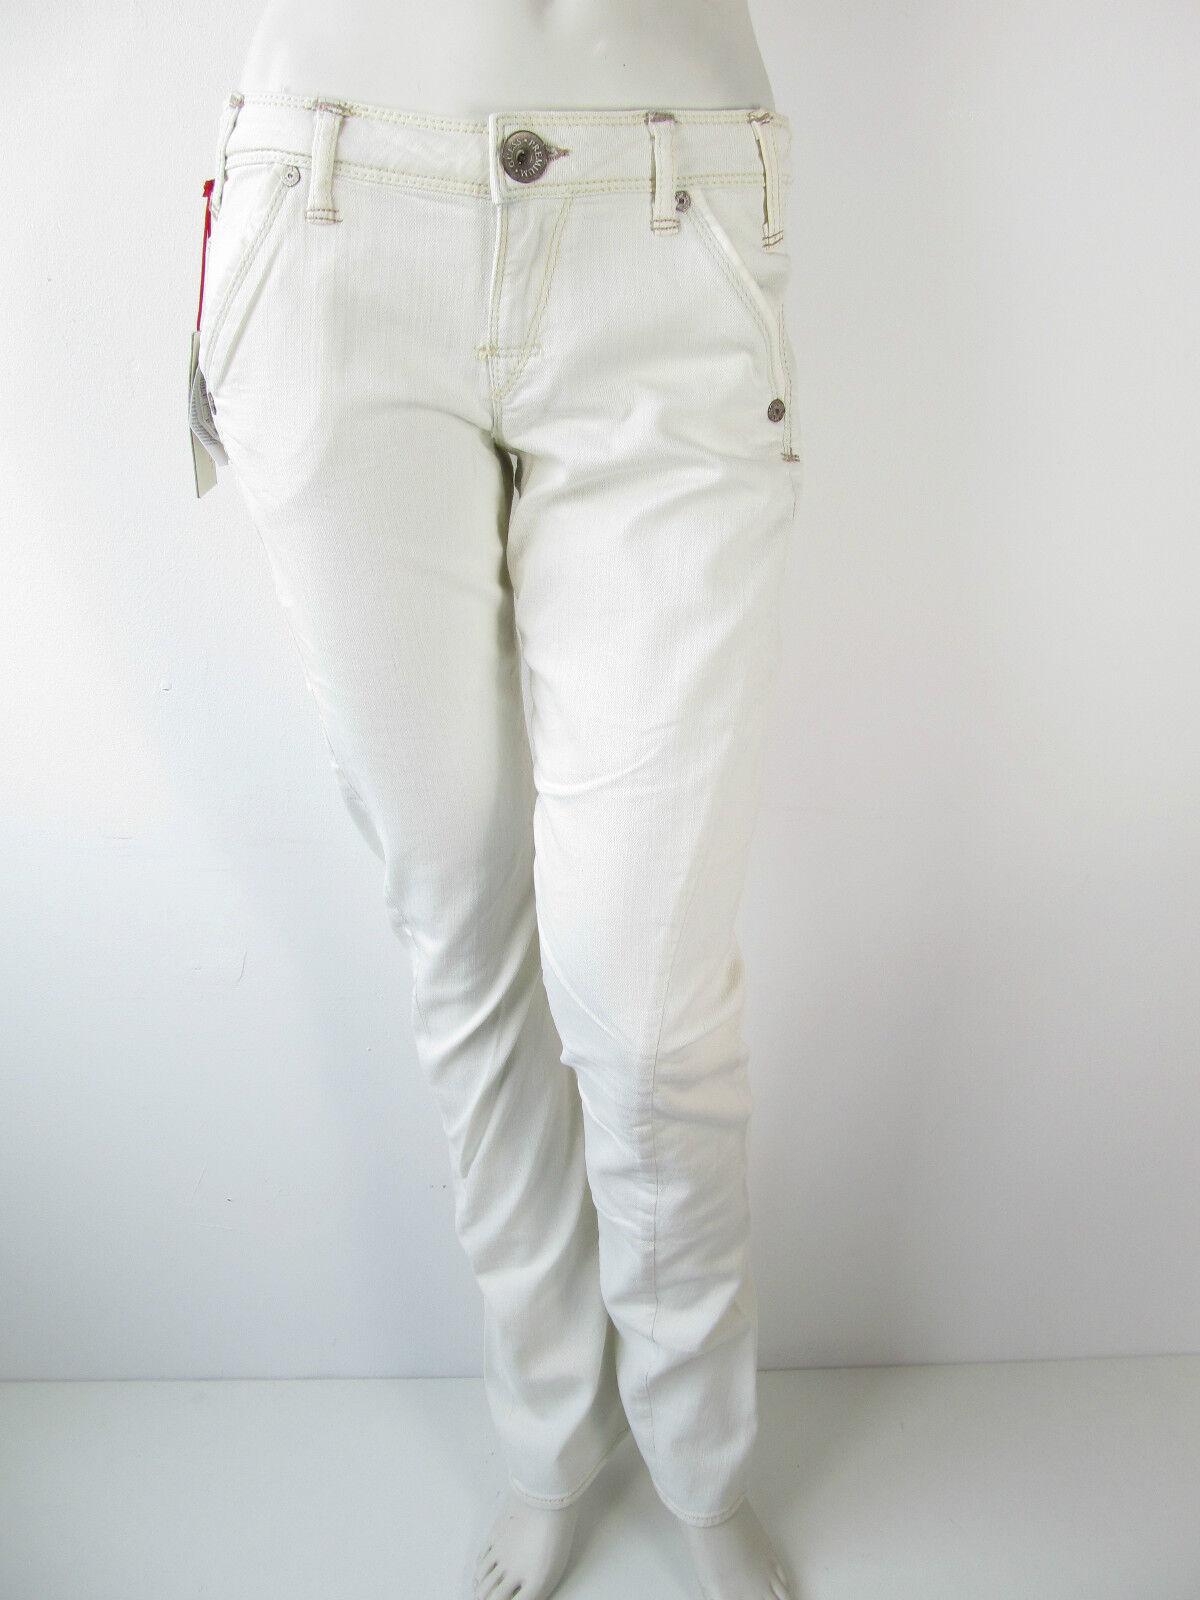 Guess Denim Narrow Jeans Hose Pants Weiss 29 30 31 UVP